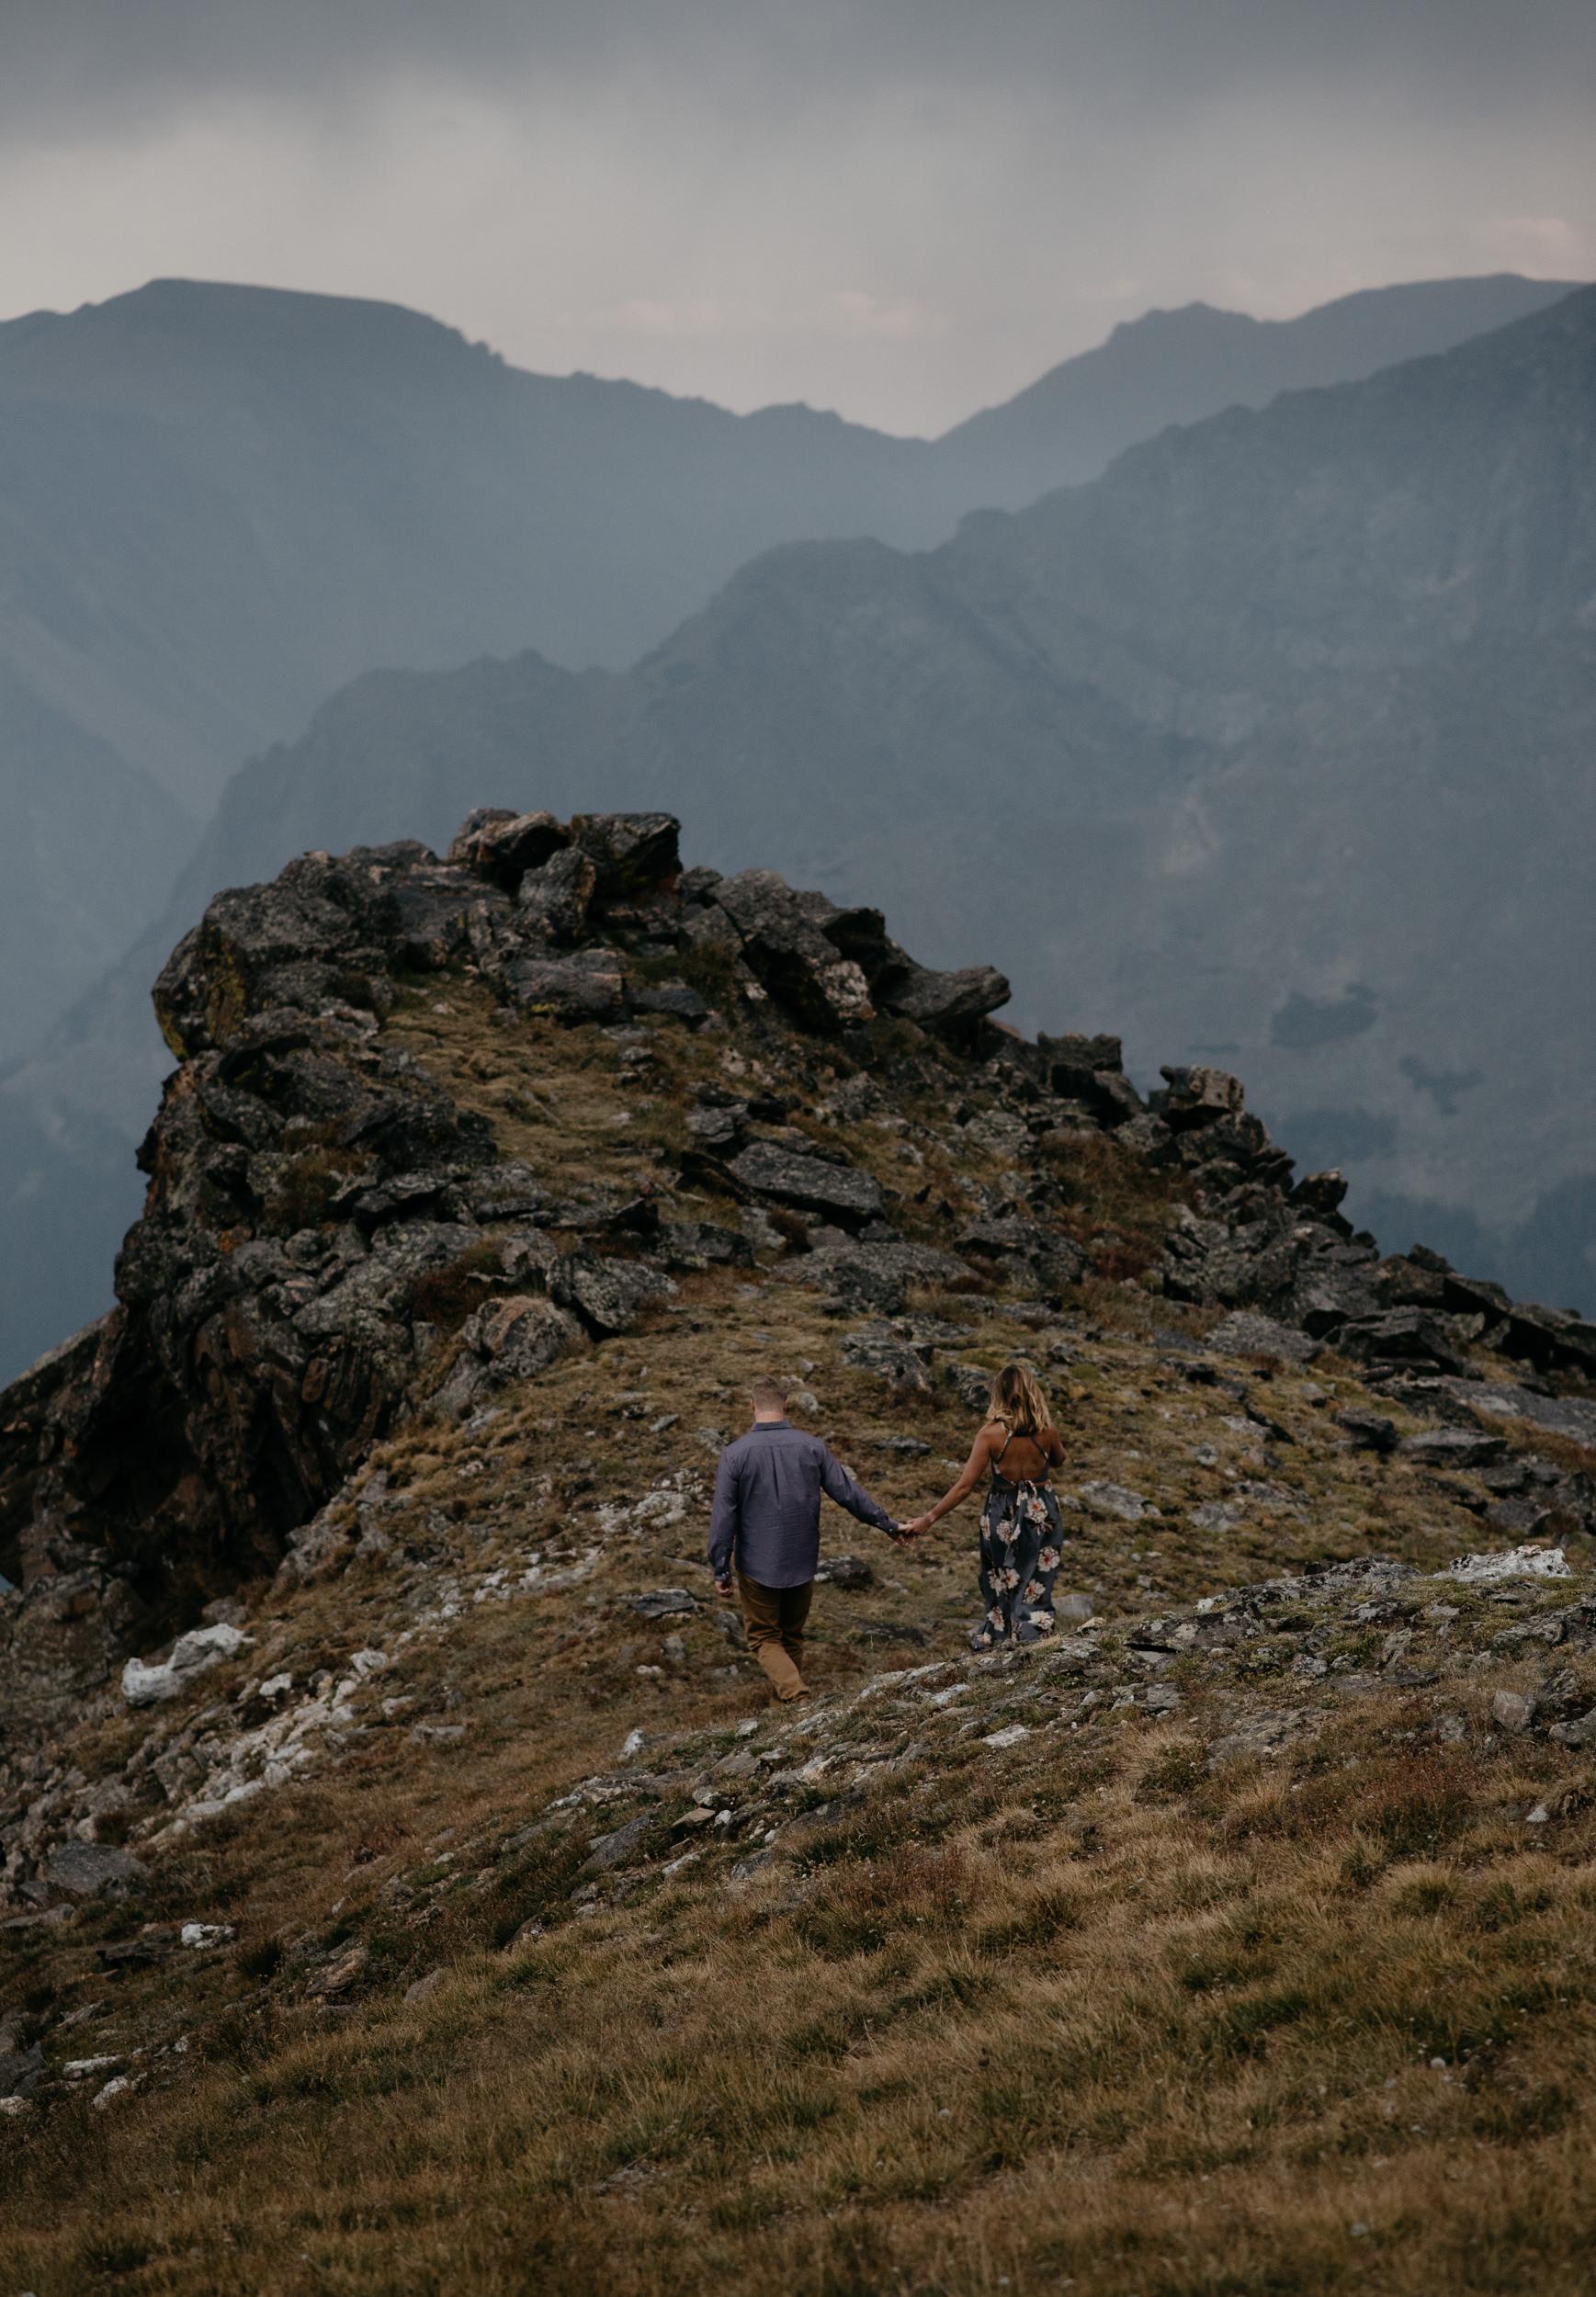 Mountaintop elopement photos in Colorado. Denver elopement and wedding photographer.